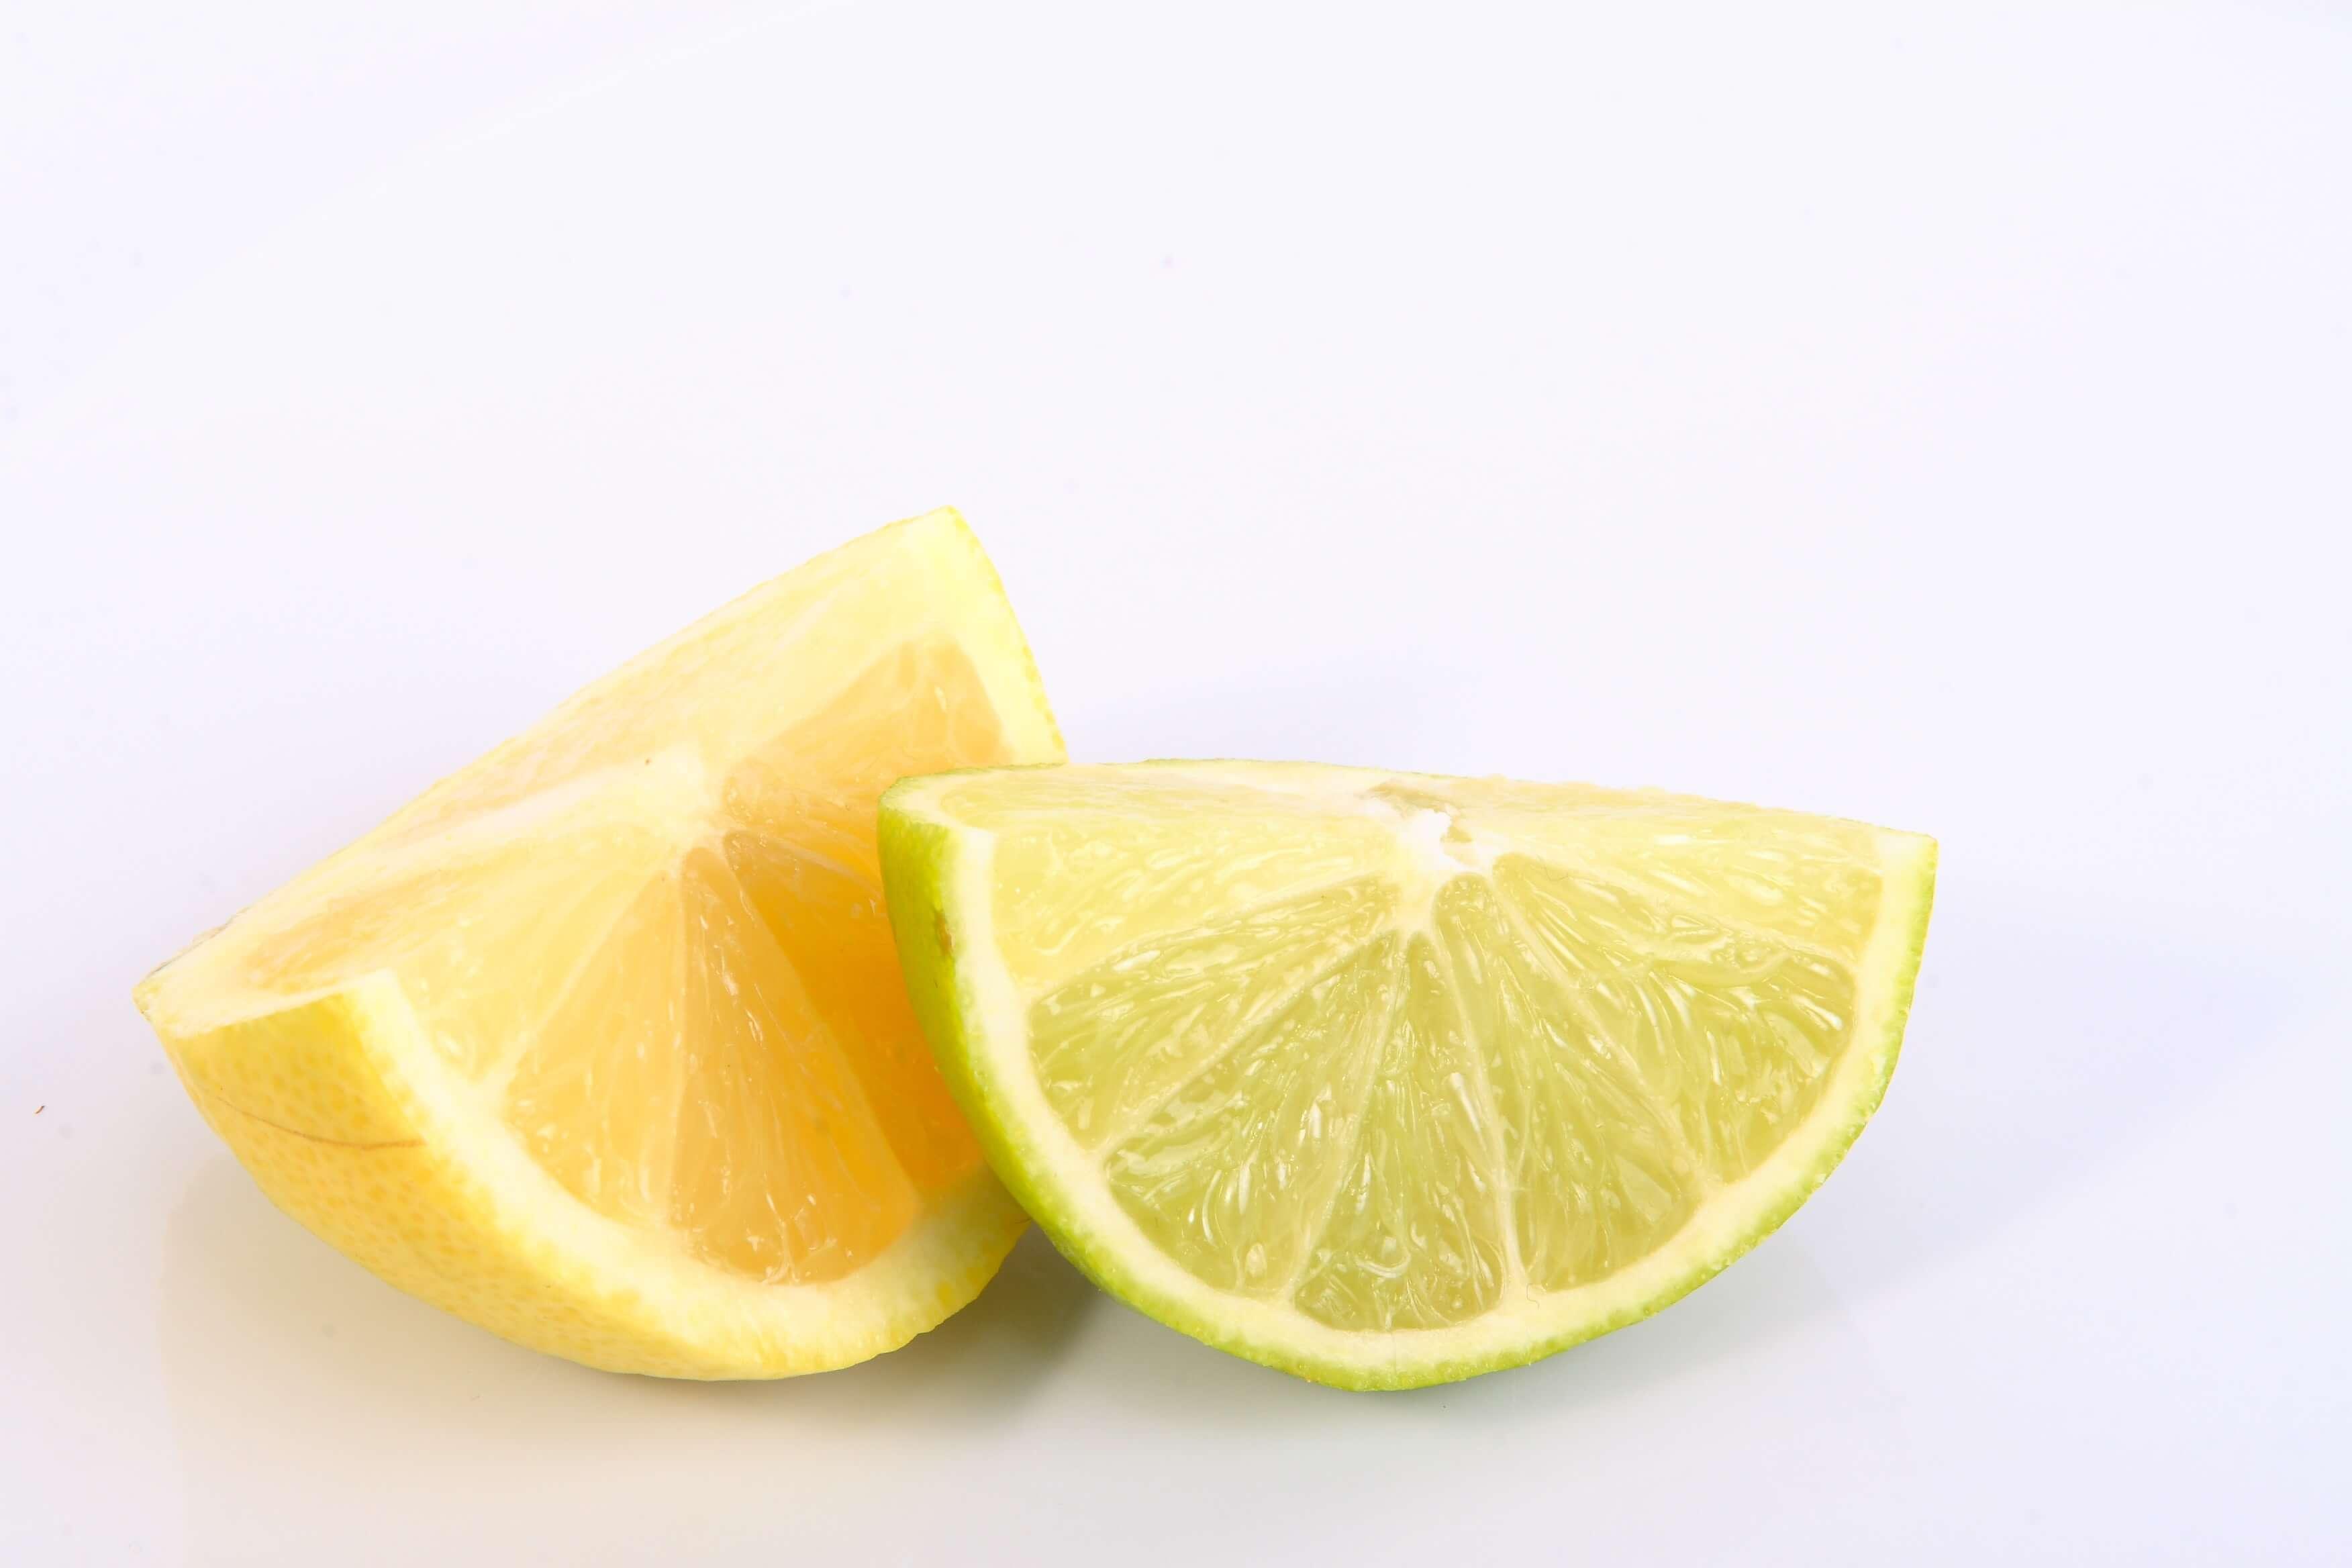 lemon vitamins